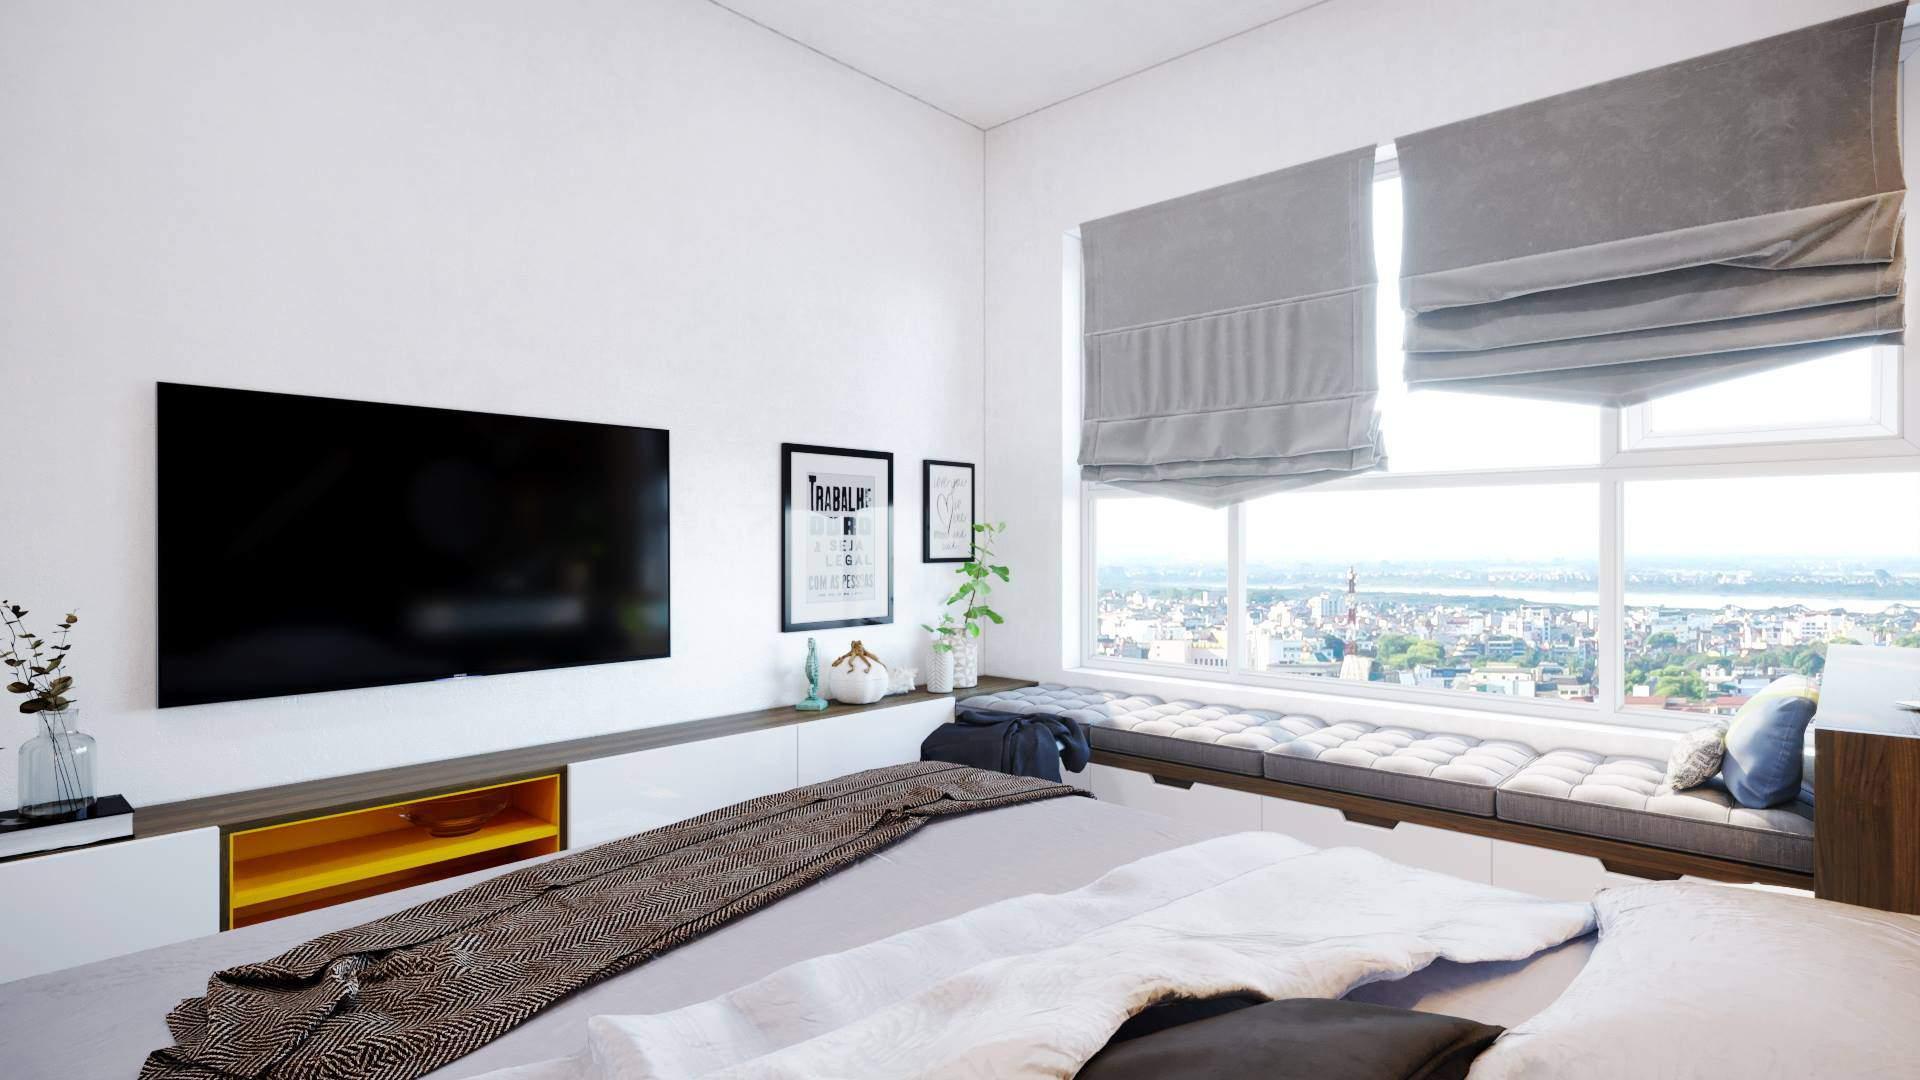 Mẫu thiết kế phòng ngủ đẹp mới lạ với gam màu hài hòa